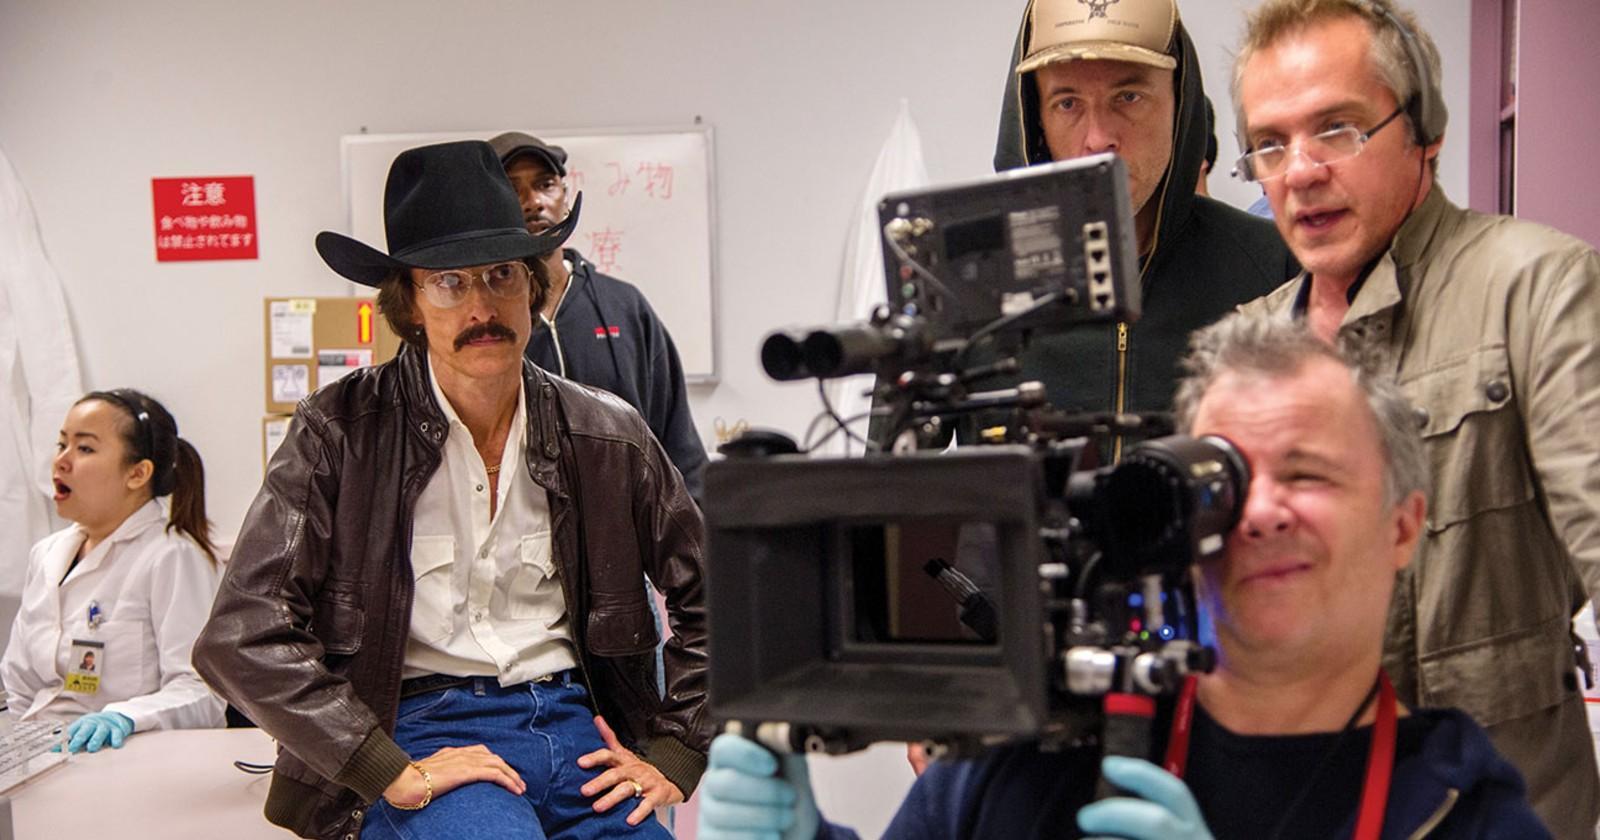 Equipo de Dallas Buyers Club filmando en locación